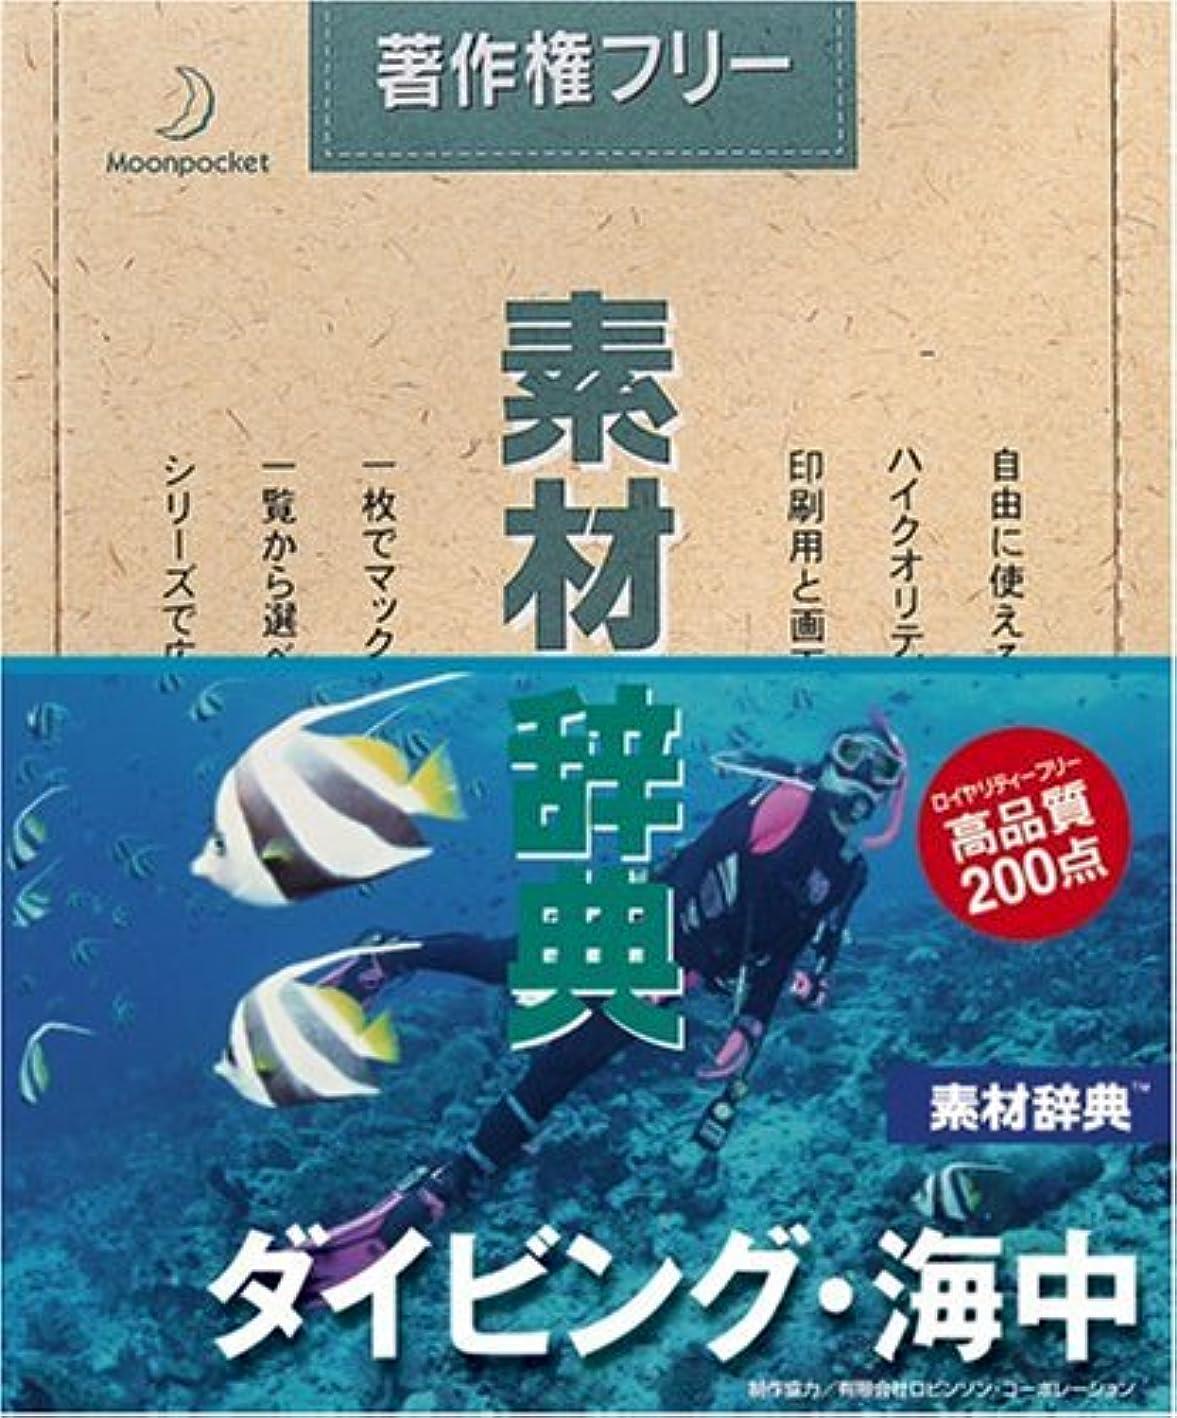 旋回悪党コック素材辞典 Vol.28 ダイビング?海中編